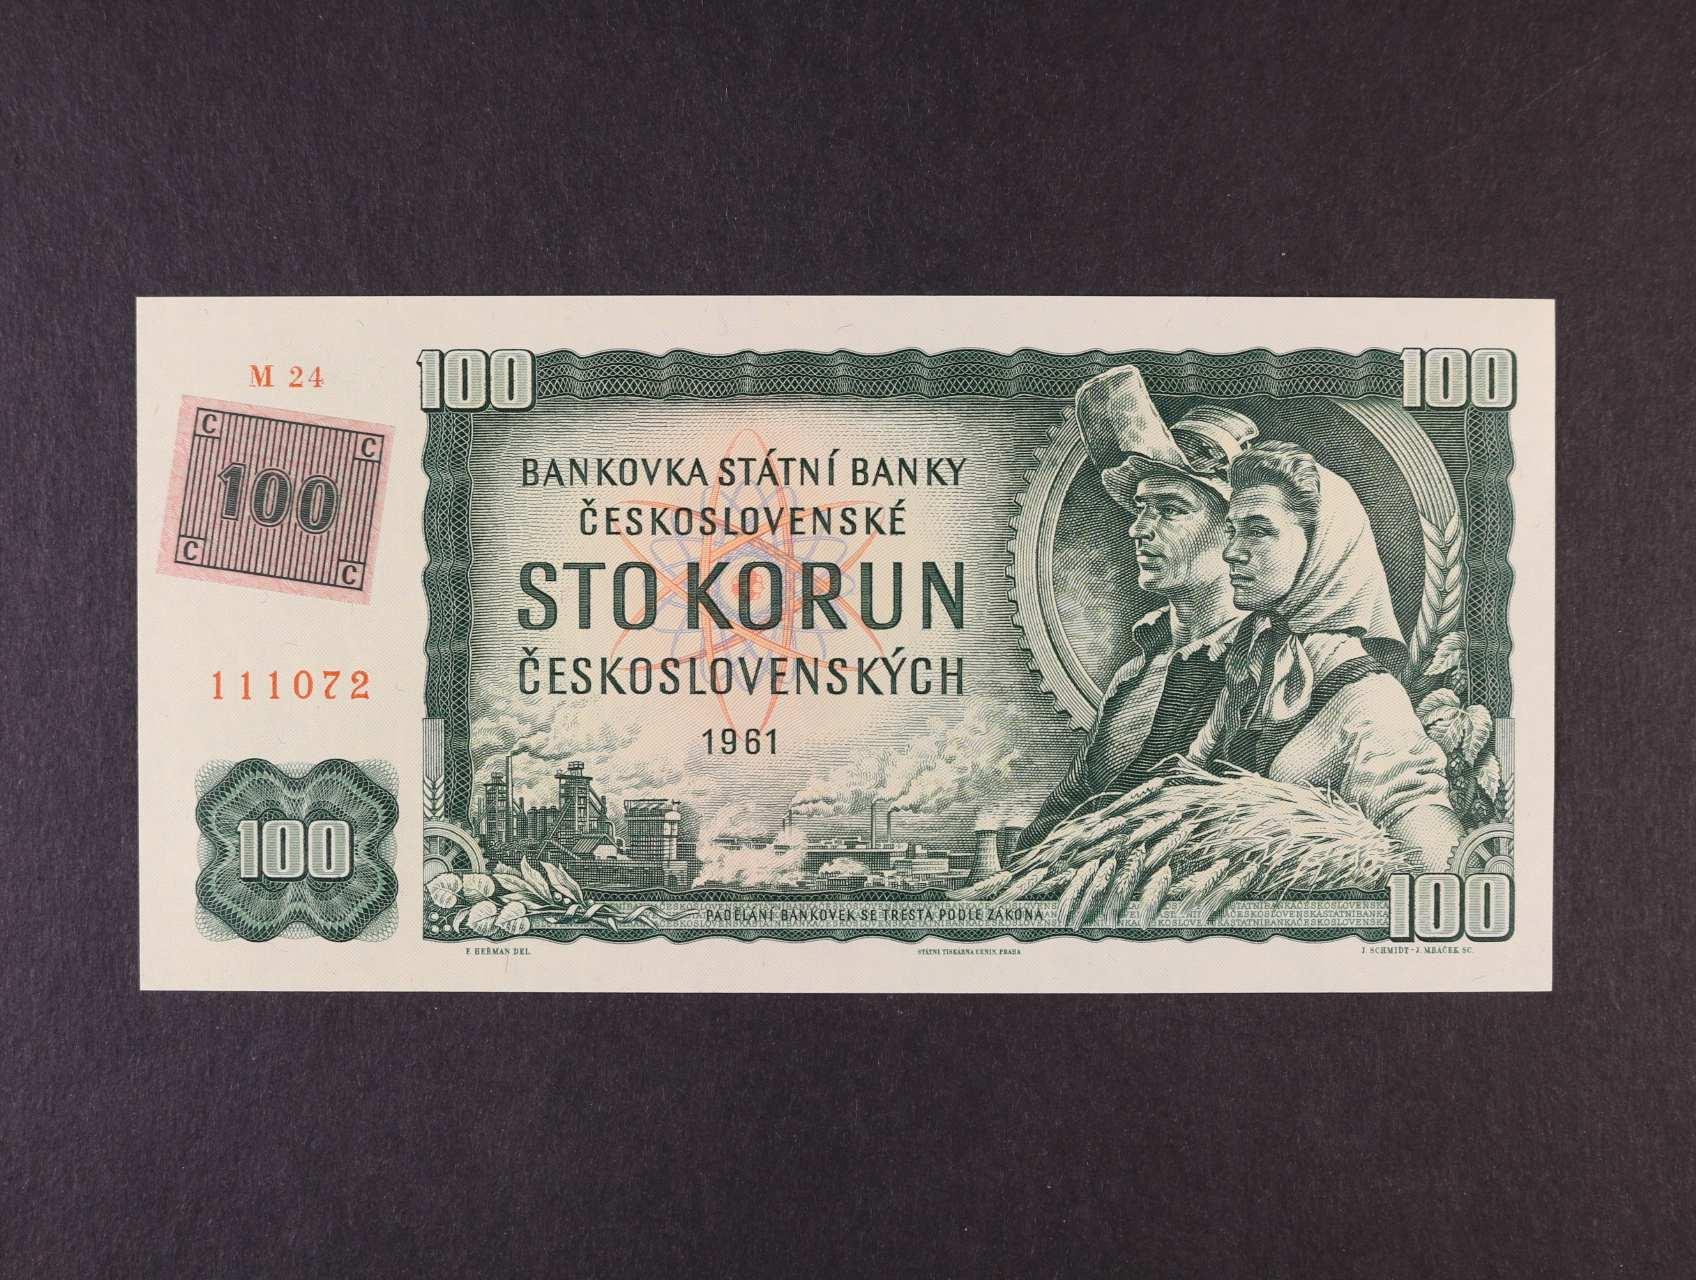 100 Kčs/Kč 1961/93 série M 24 kolkovaná, Ba. CZ 1e2, Pi. 1